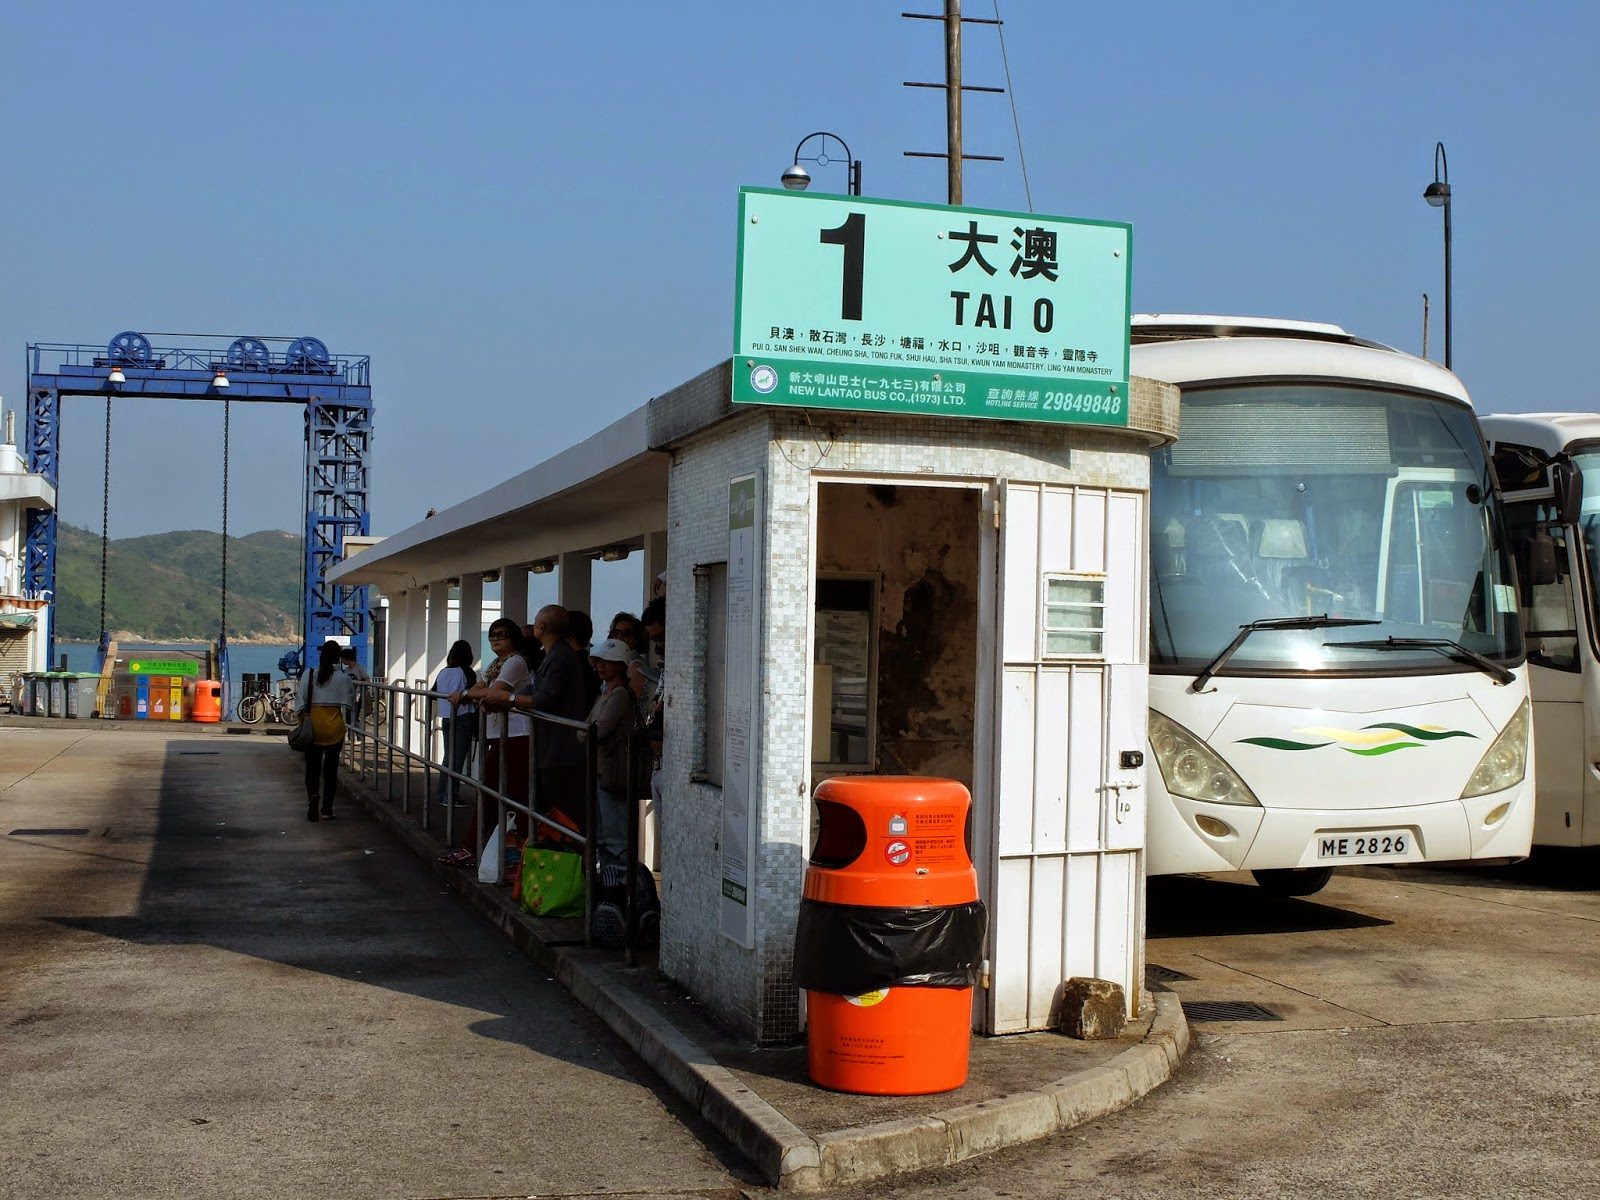 浪遊記: 香港威尼斯 - 大澳水鄉